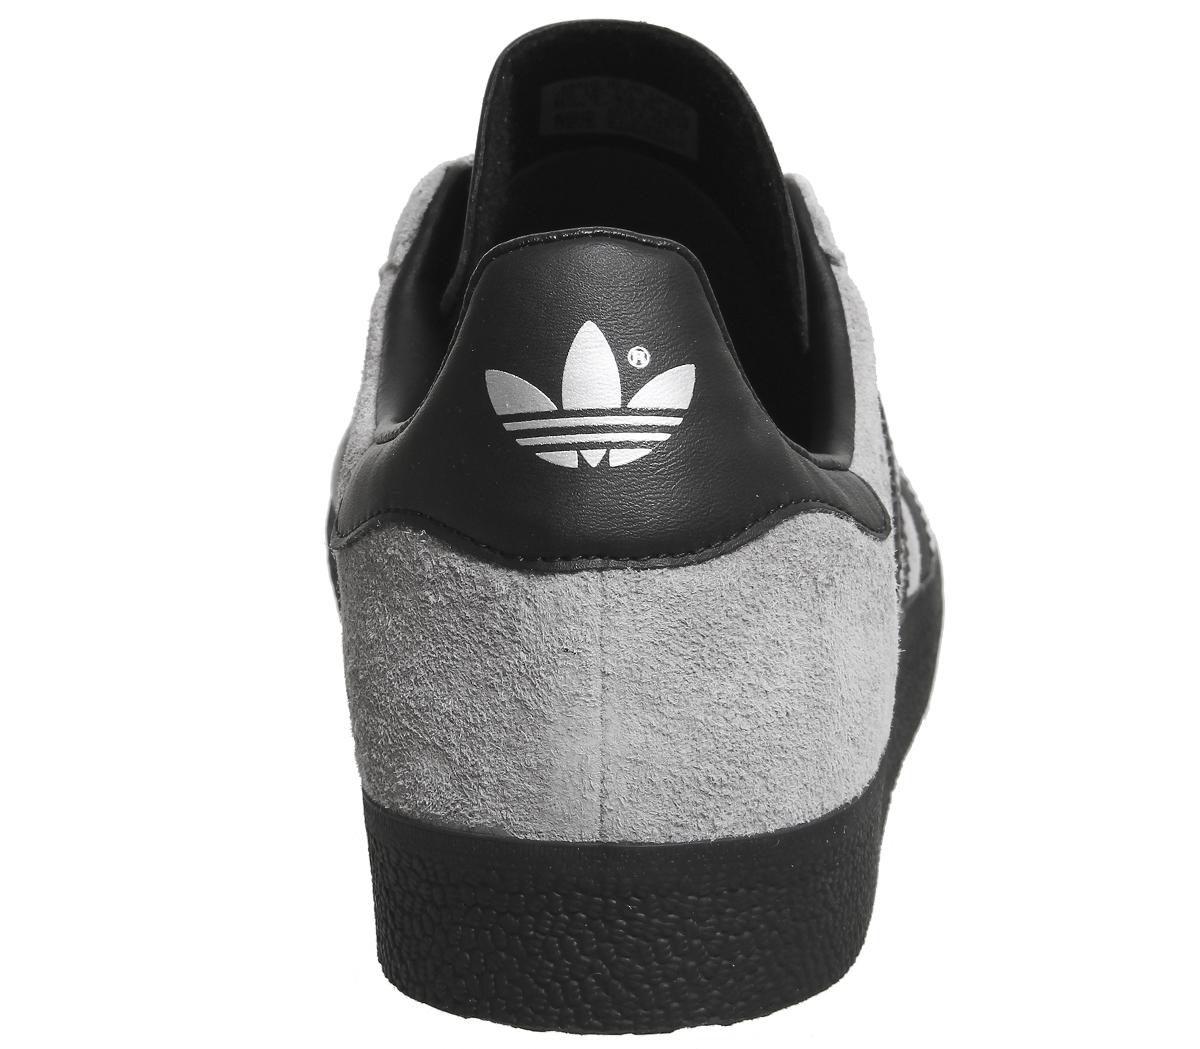 adidas gazelle grey and black